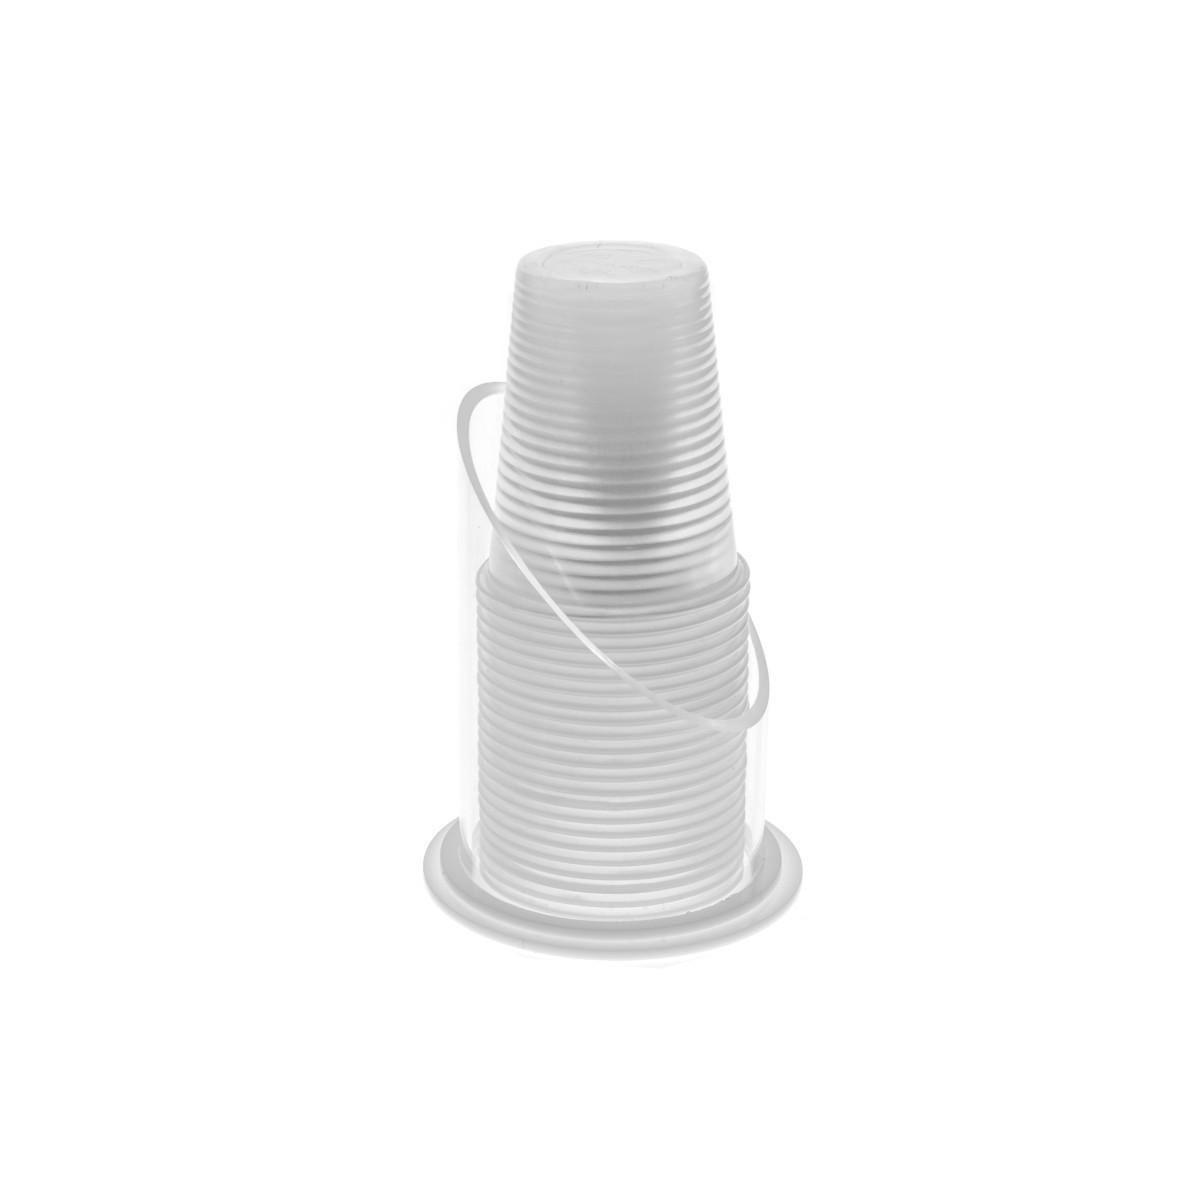 Porte-verre circulaire en acryliquetransparent - Diamètre du tube : 74 cm - Hauteur: 12 cm